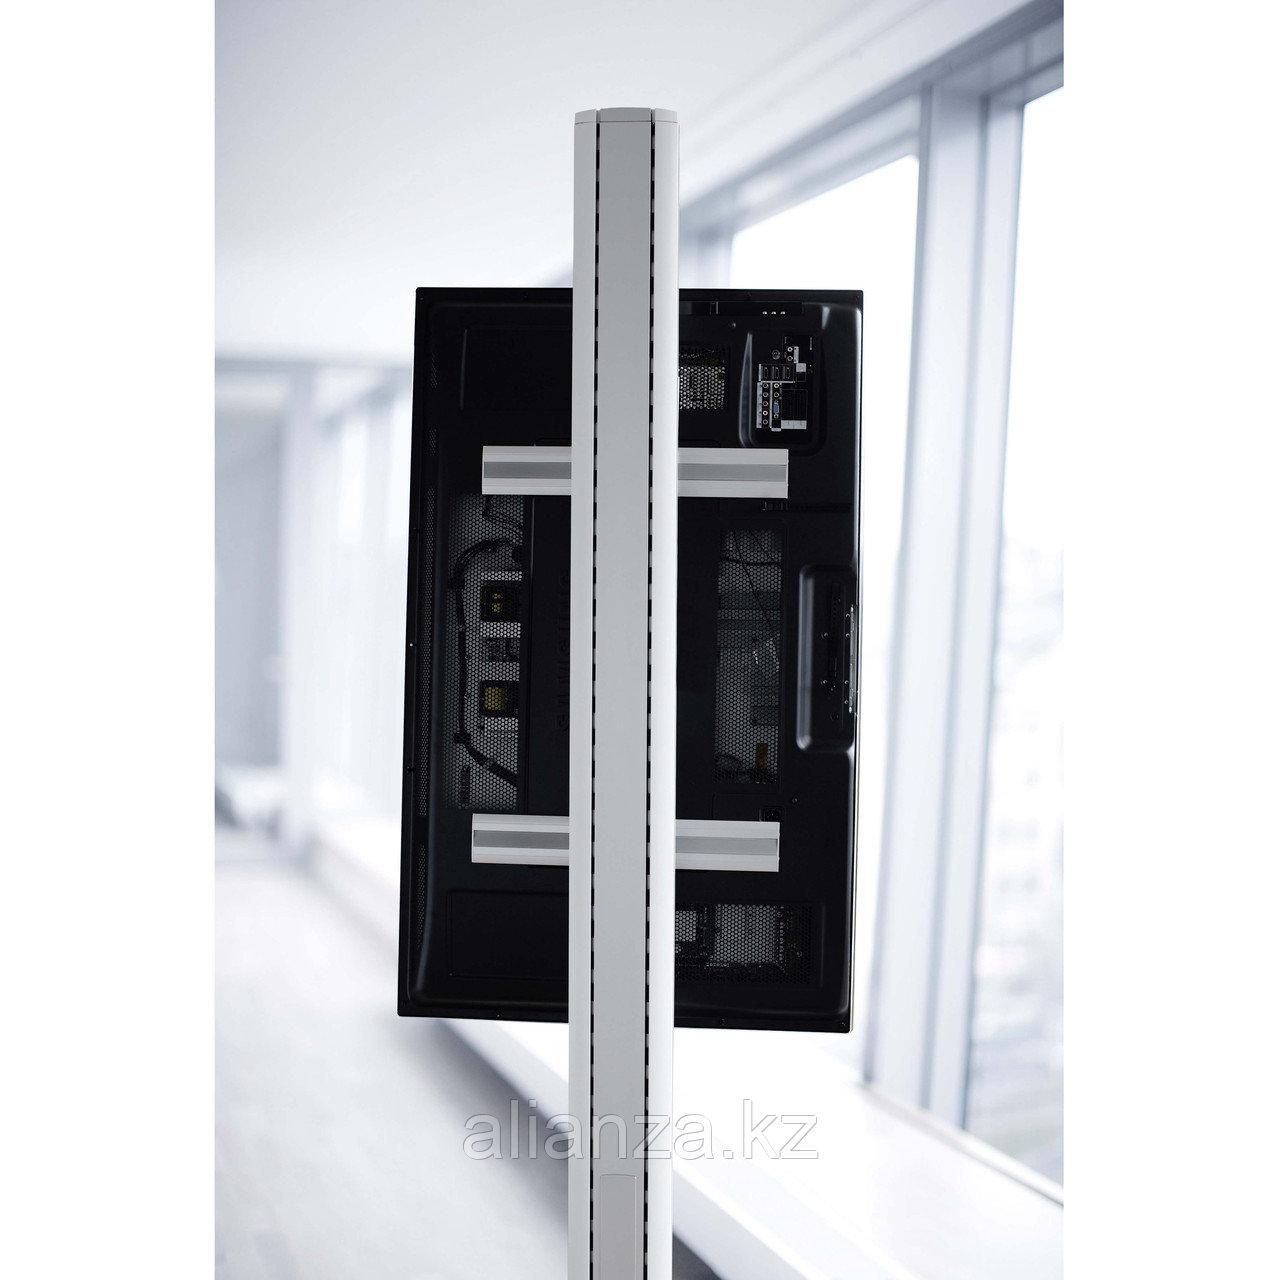 Кронштейн для телевизора SMS X H+ Unislide Silver